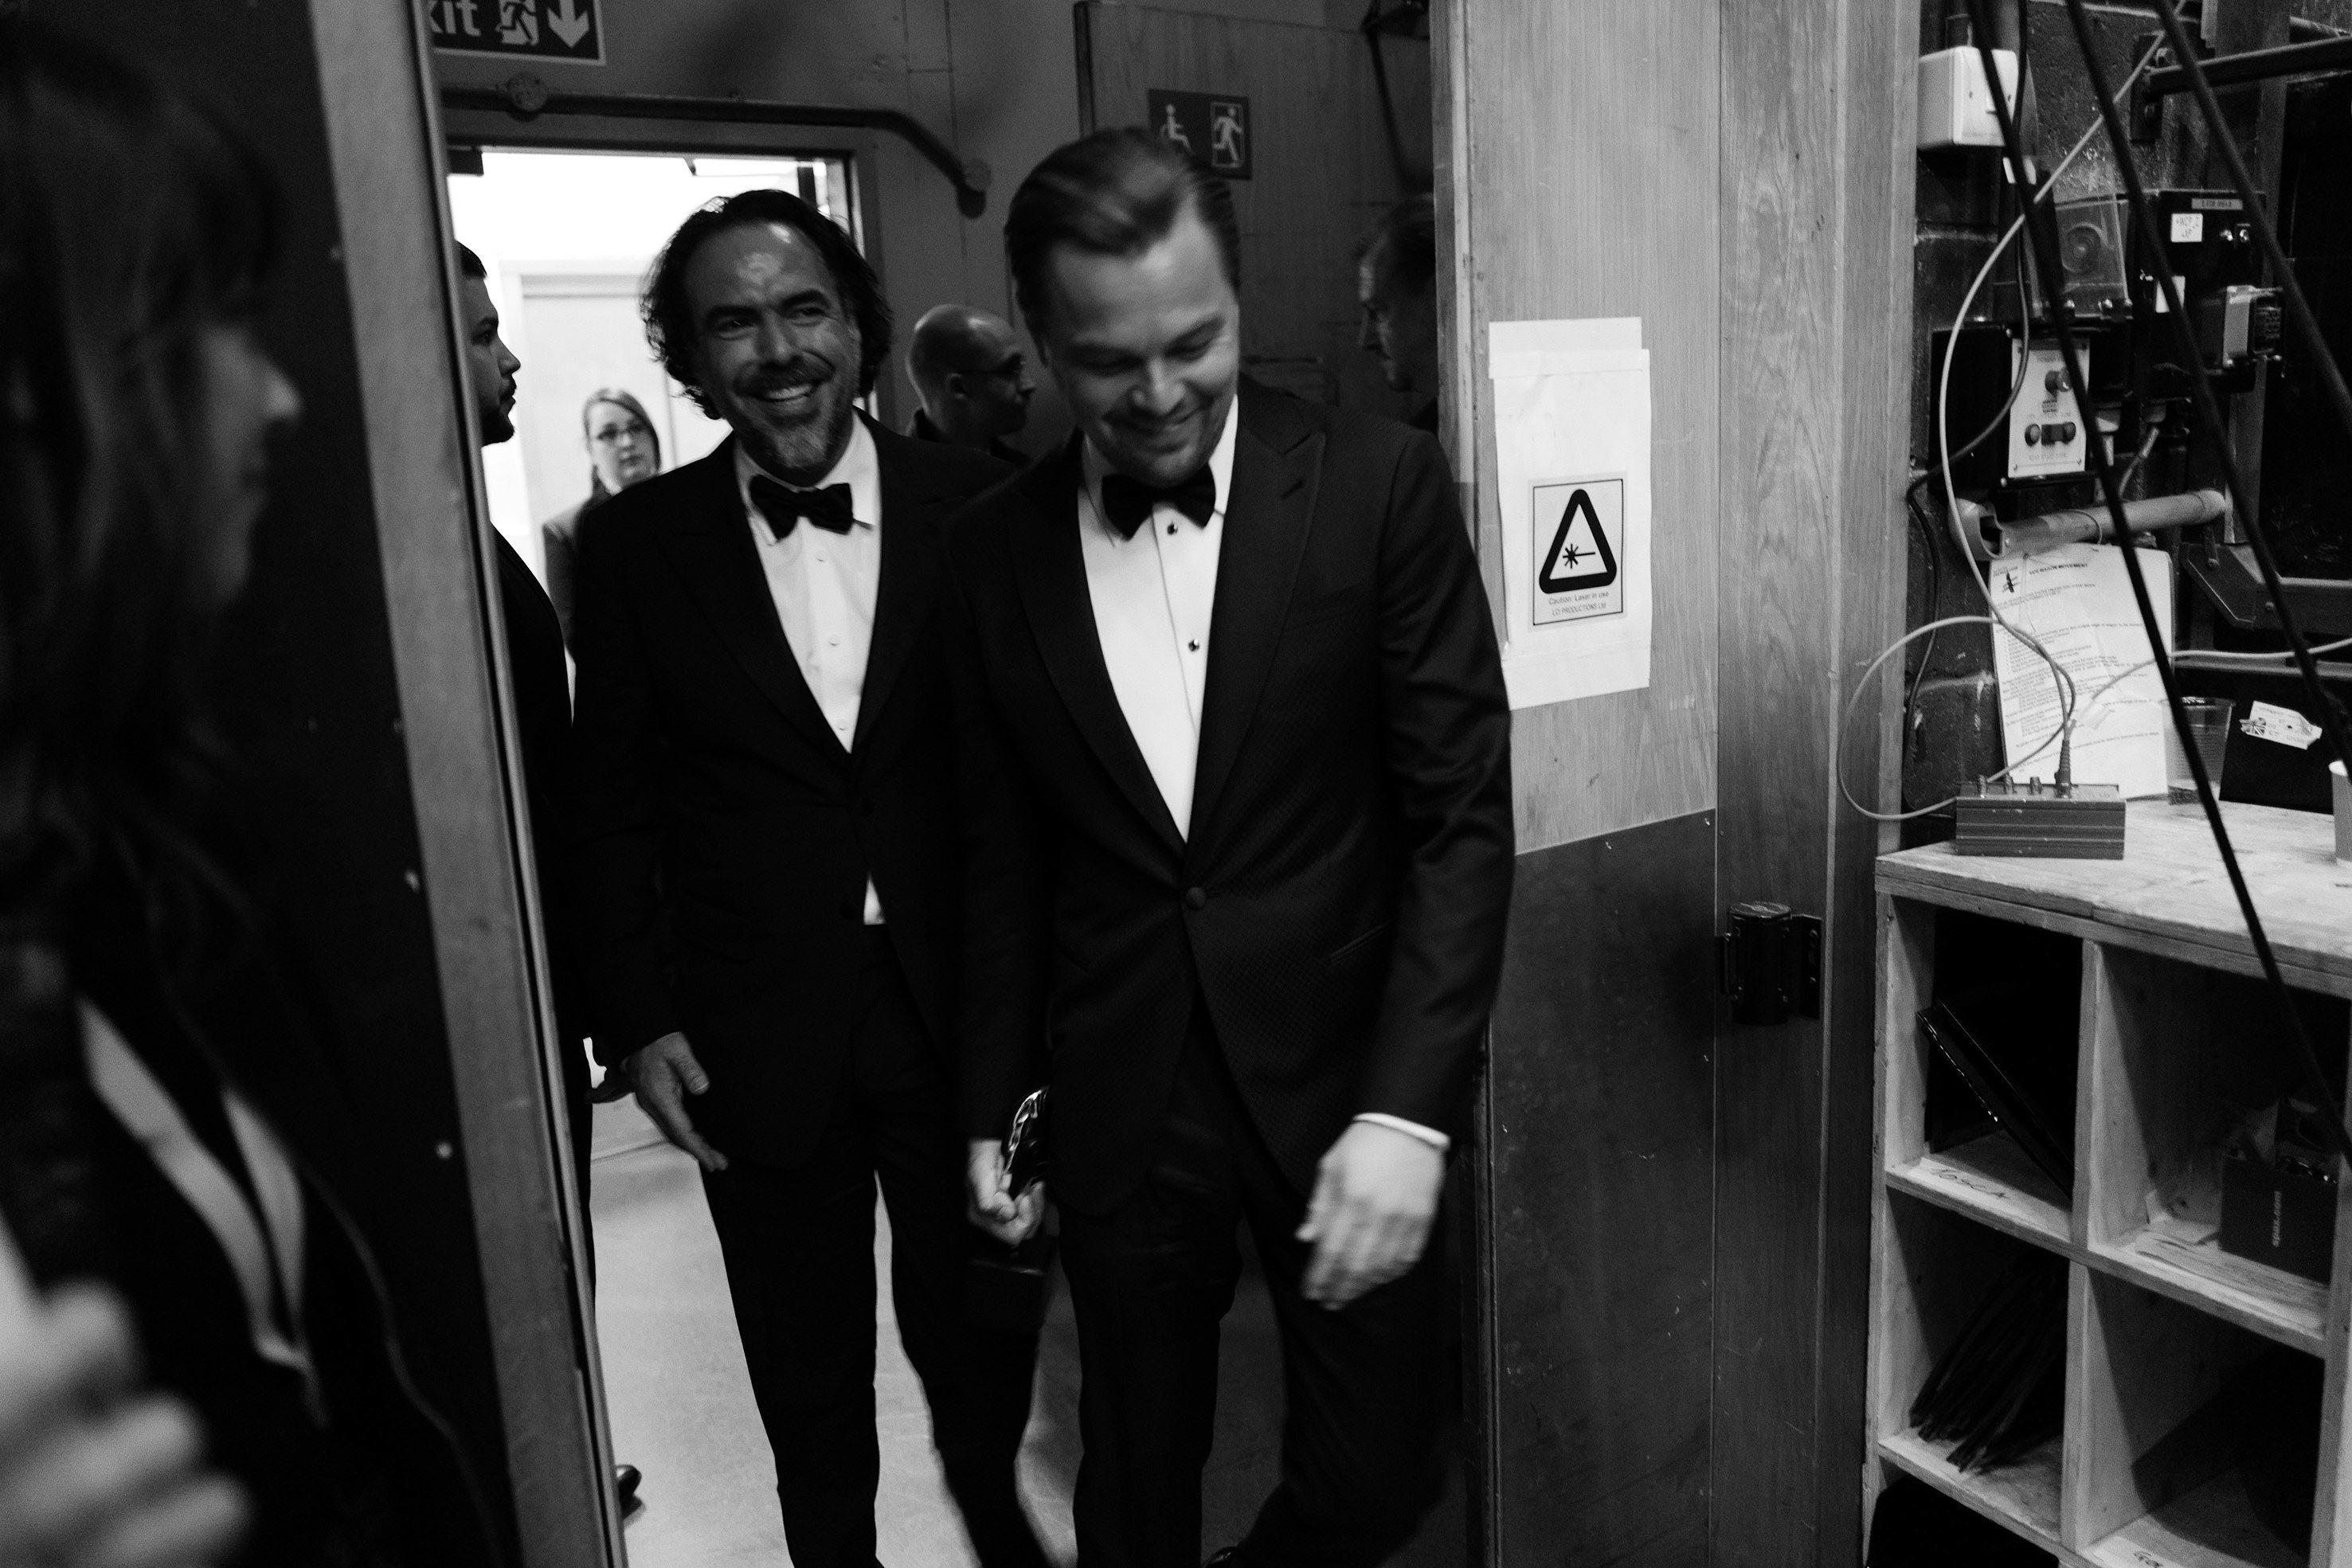 Inside the 2016 BAFTA Awards Leonardo dicaprio